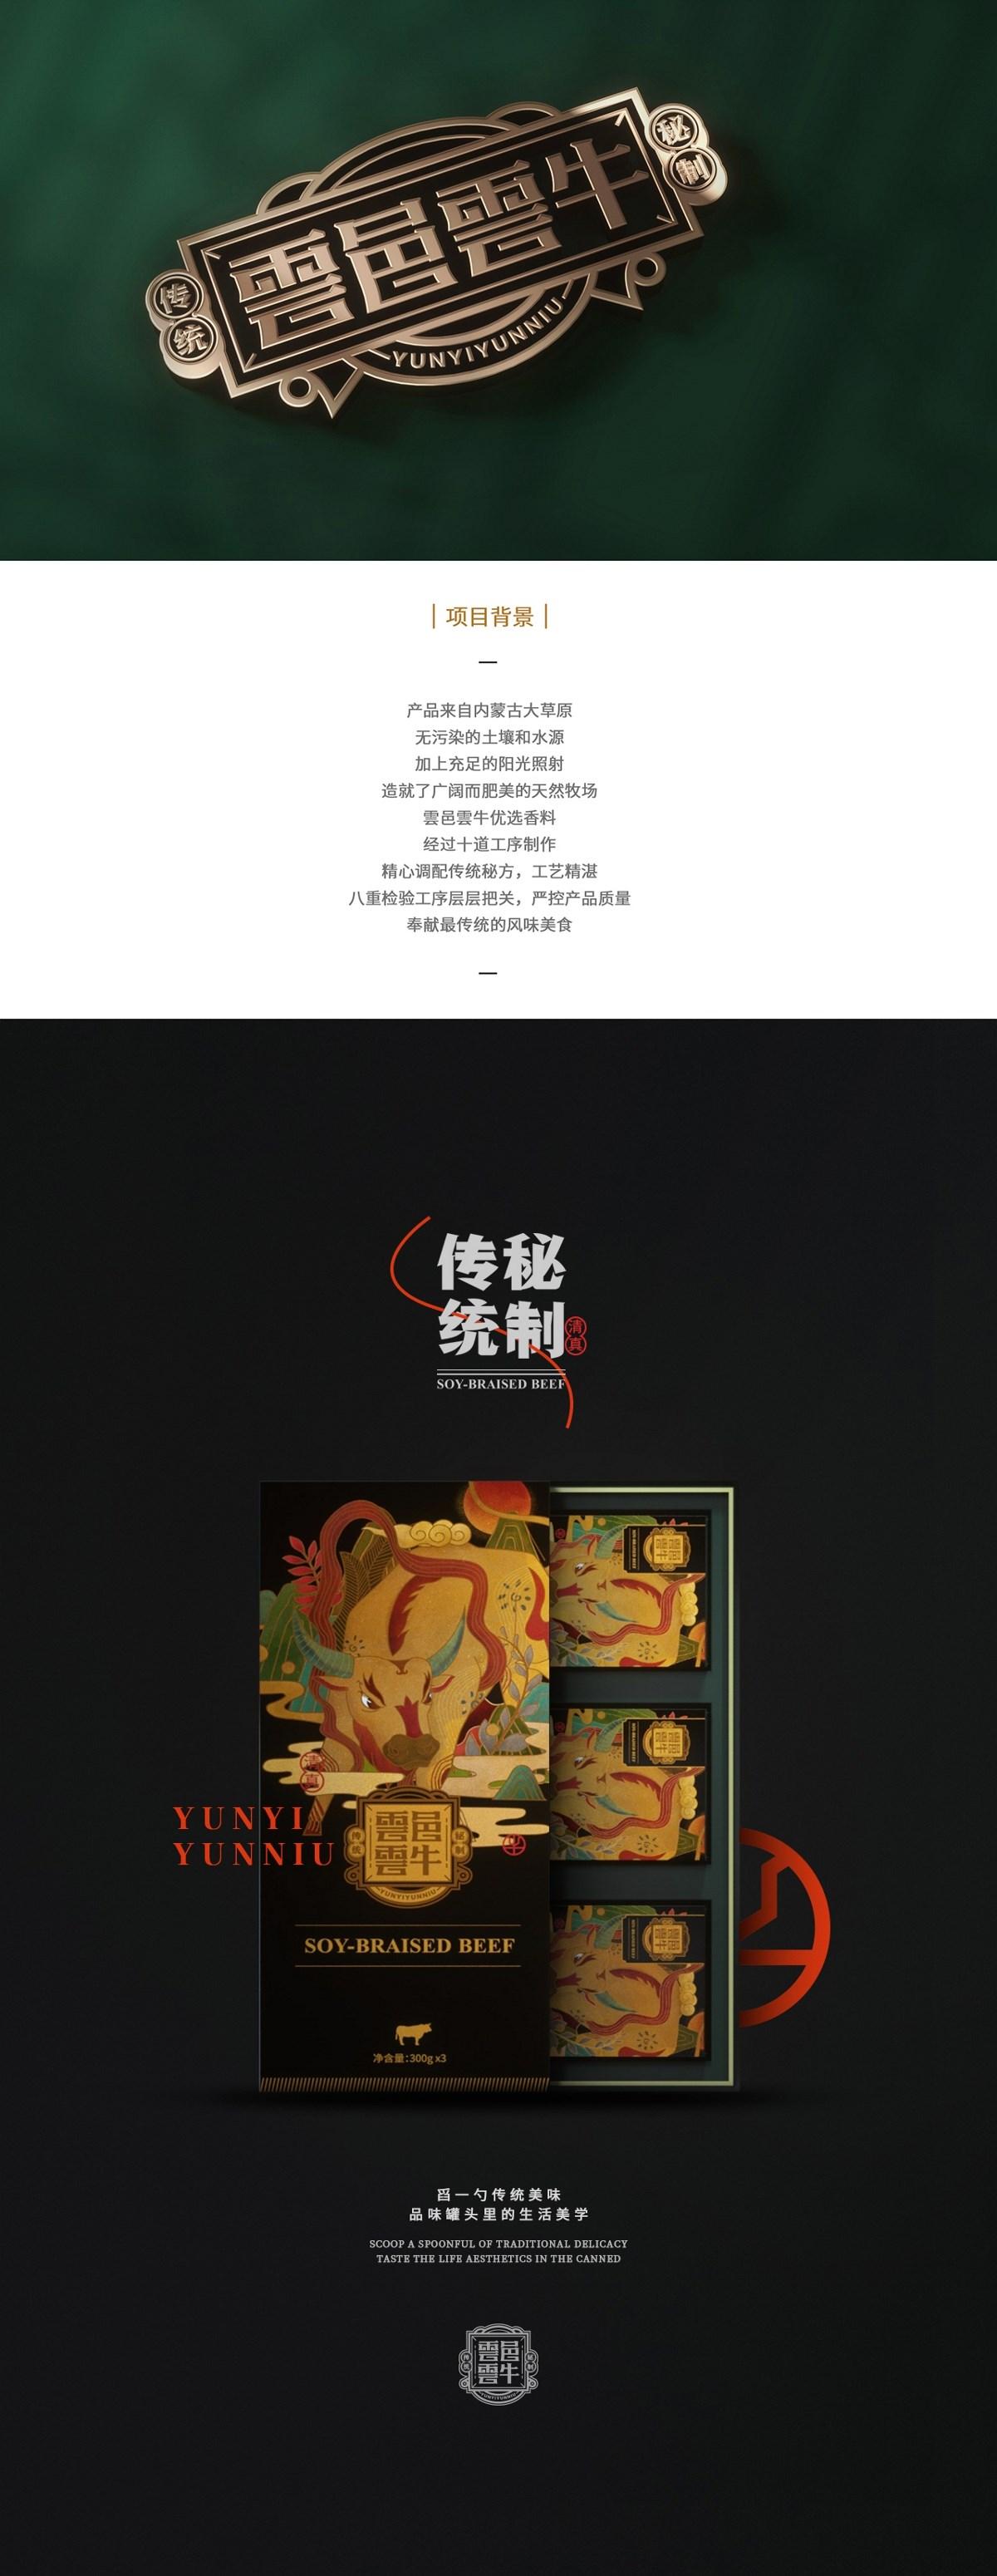 雲邑雲牛×盧帥 | 牛肉罐頭里的生活美學